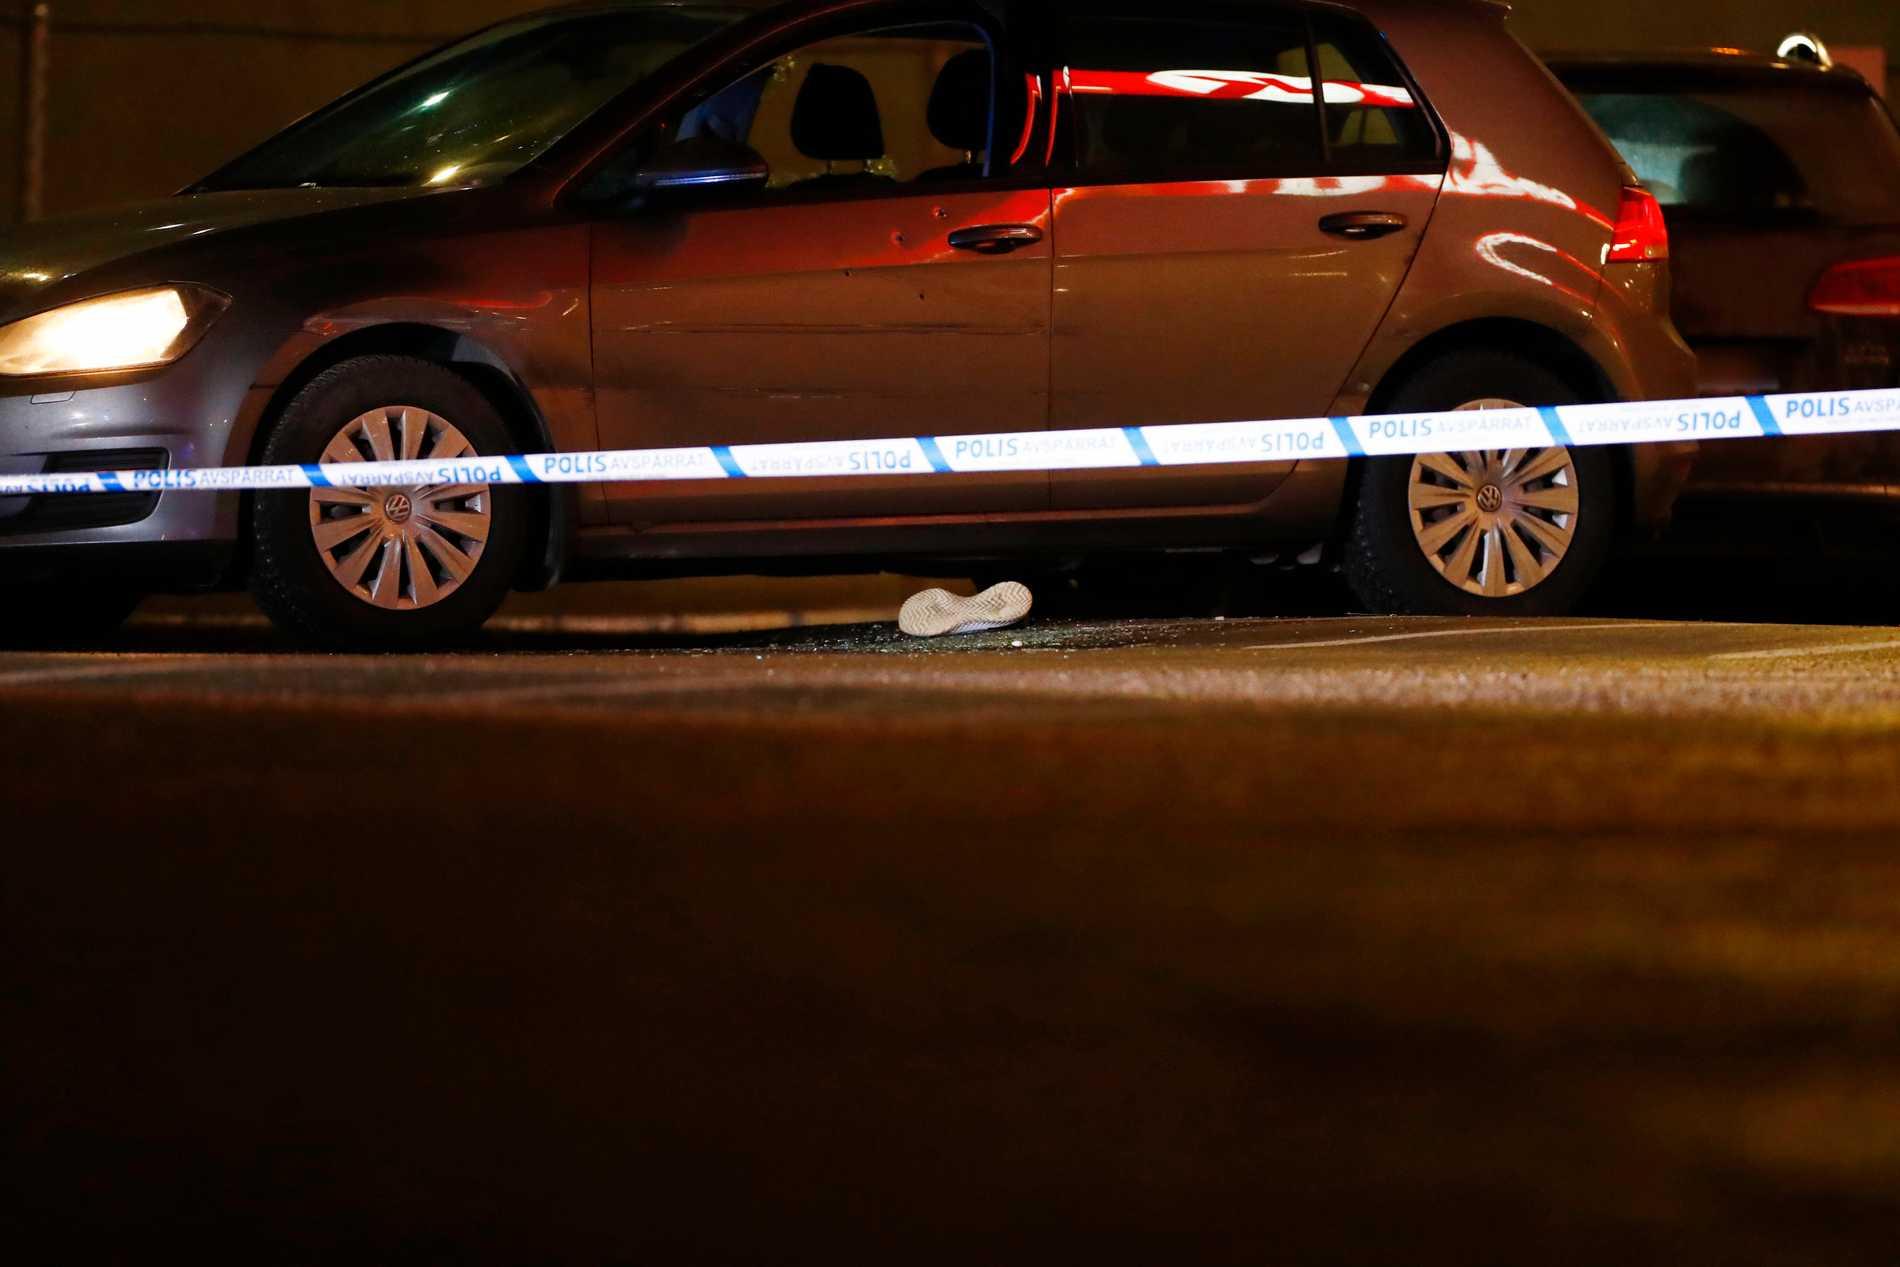 Bild från Kungens kurva, januari förra året, när en man och en kvinna hittades skottskadade i en bil vid en bensinmack. Mannen avled senare av sina skador.